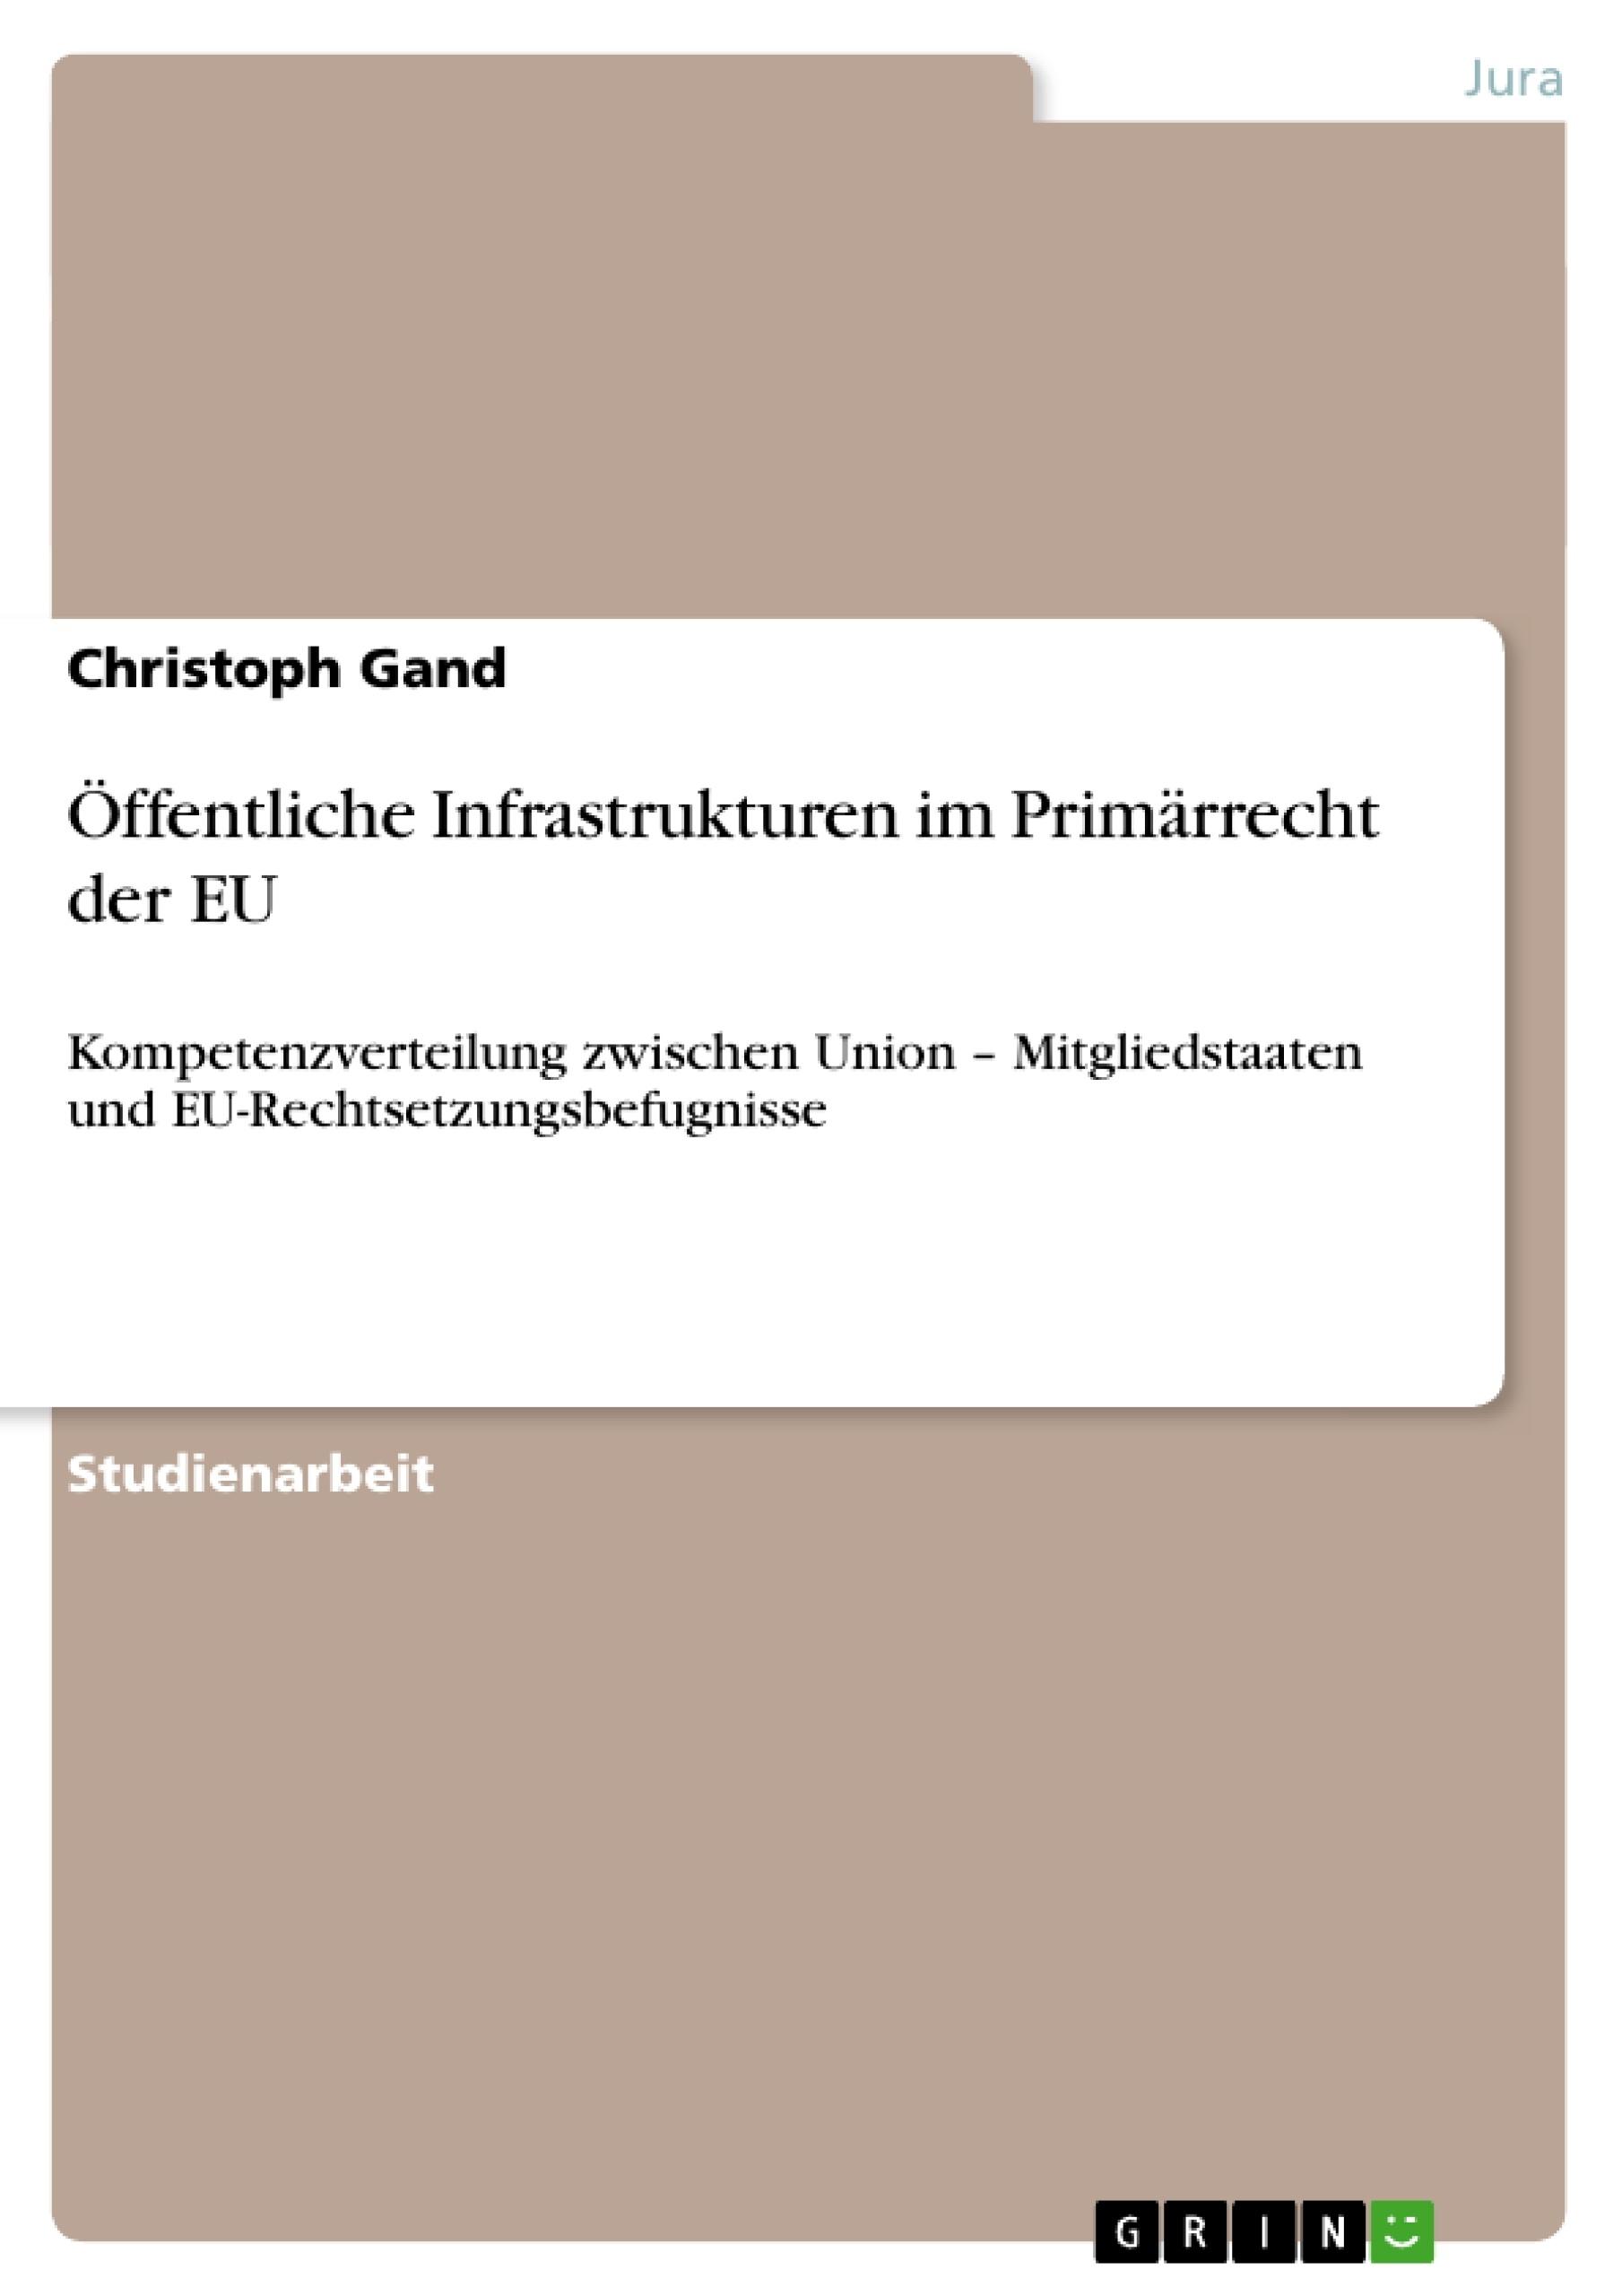 Titel: Öffentliche Infrastrukturen im Primärrecht der EU